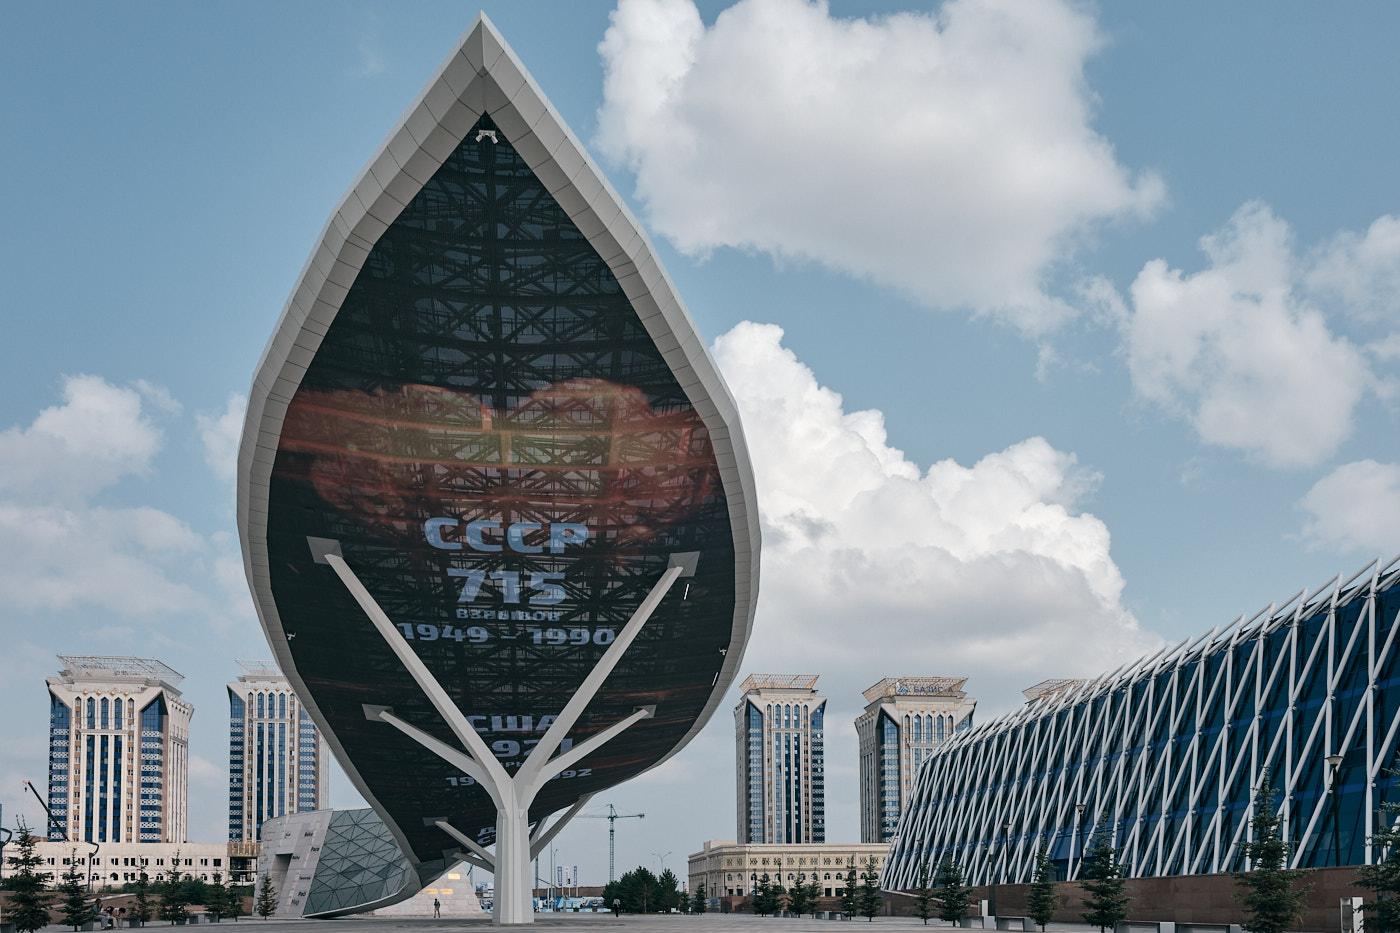 Wall of Peace Monument, basierend auf der Idee eines Anti-Atomkraft-Manifests des ersten Präsidenten Kasachstans. Die Eröffnung fand 2018 am Jahrestag der Schließung der nuklearen Testanlage Semipalatinsk statt.